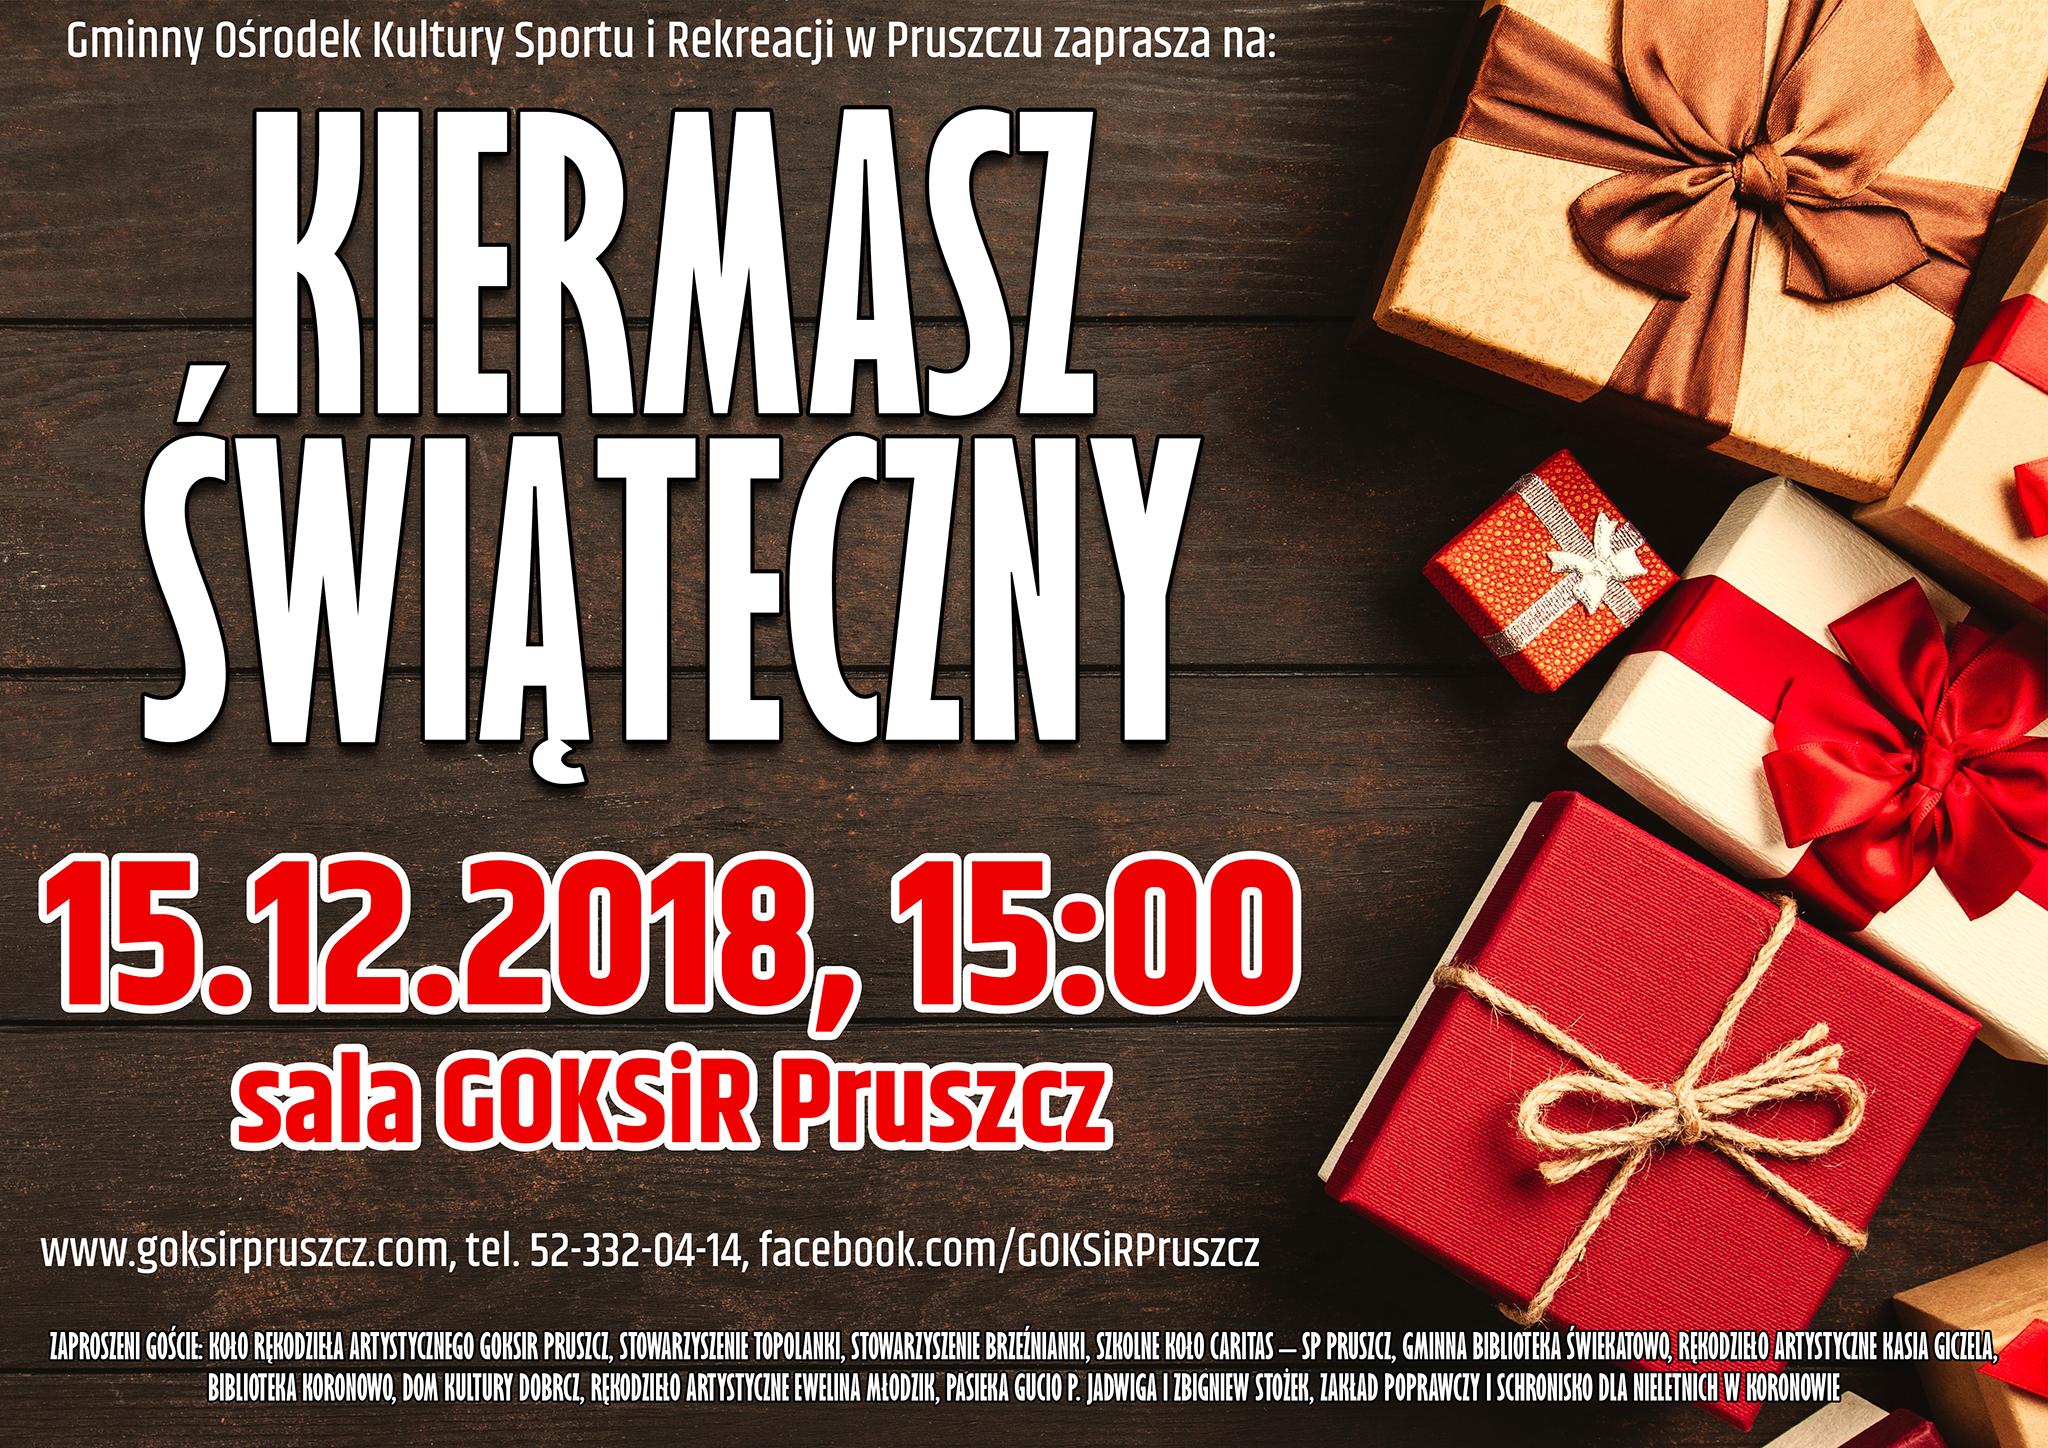 Kiermasz-Świąteczny-2018-internet